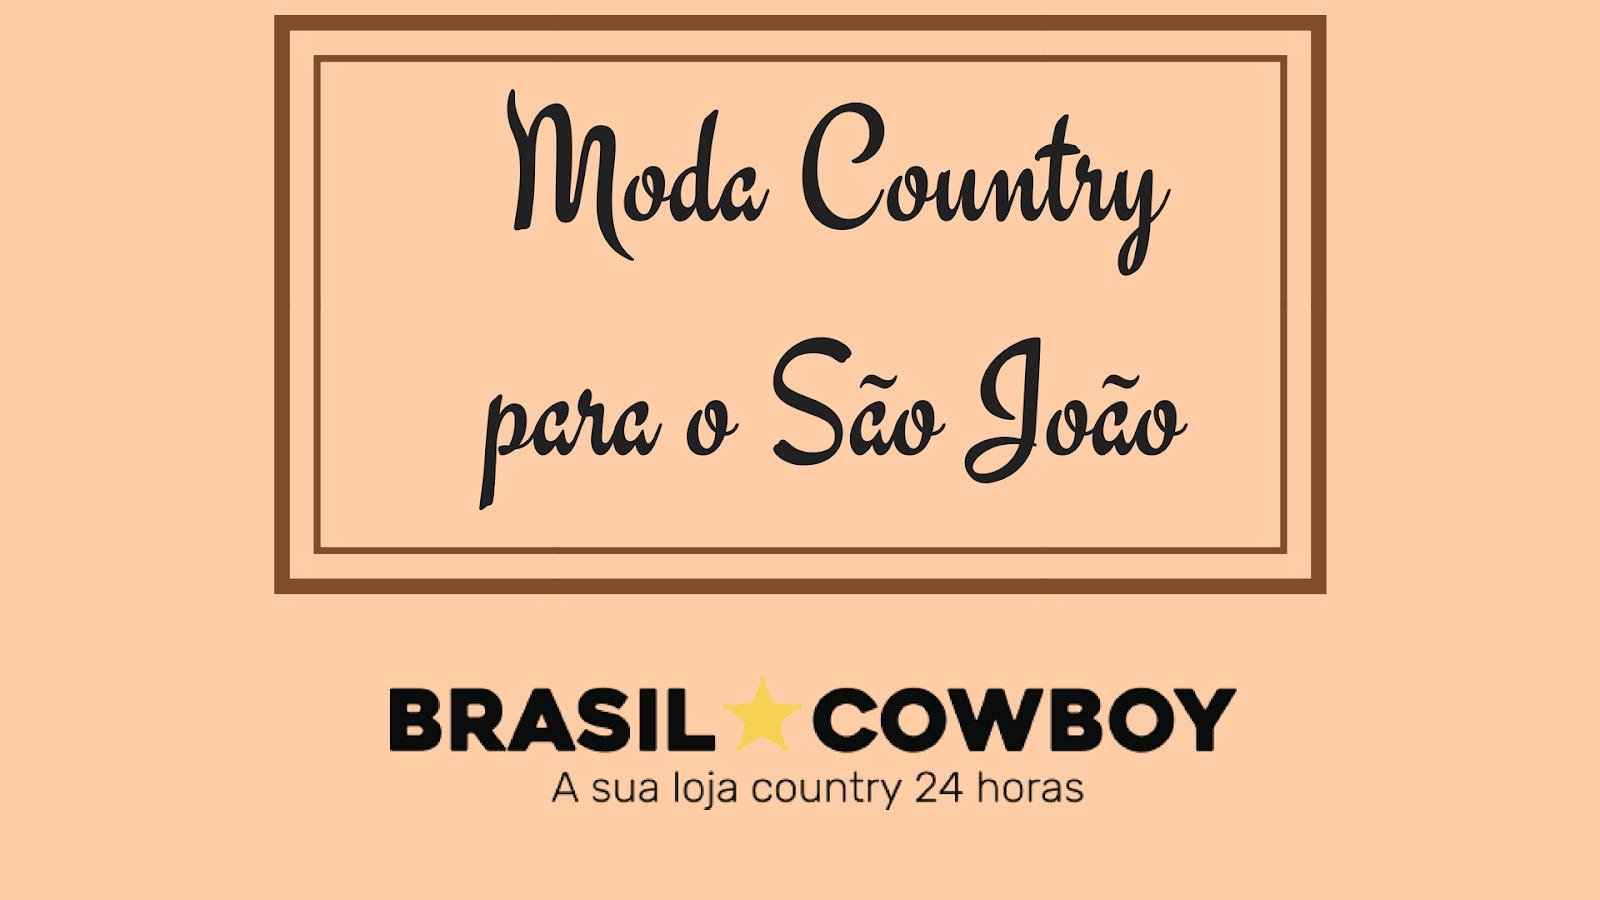 Brasil Cowboy  Moda Country para o São João - Gnoma Leitora 8494a52350a